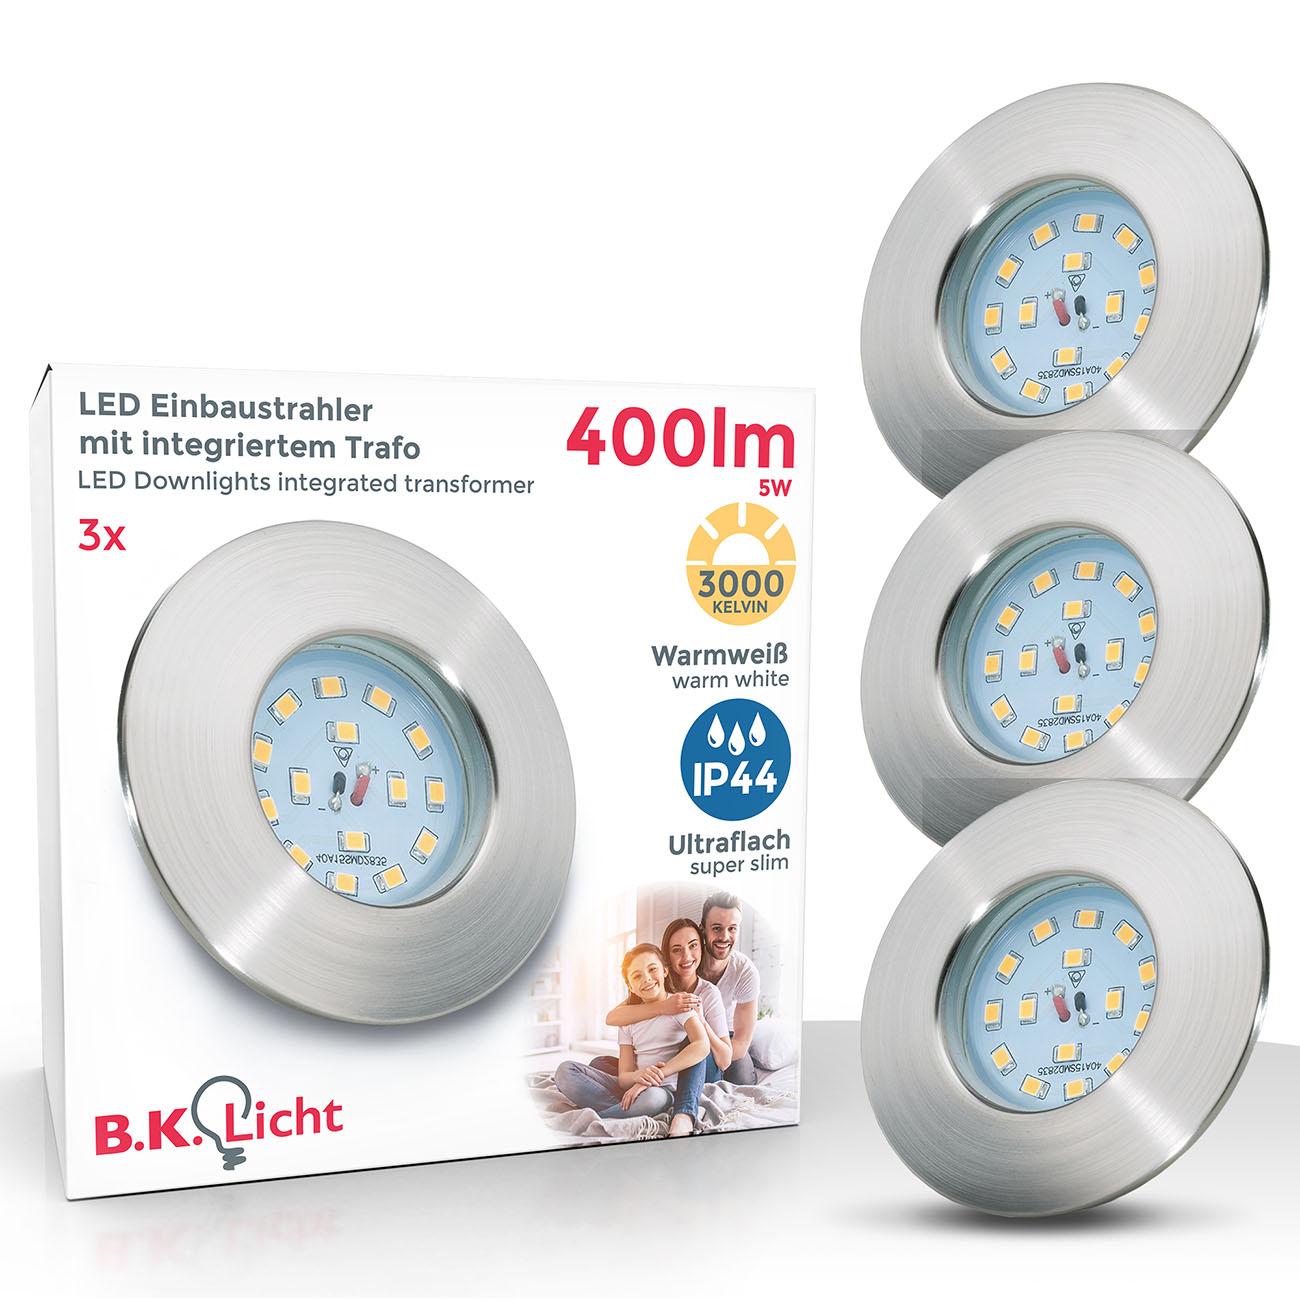 LED Einbaustrahler | Bad Einbauleuchte 3er SET | ultraflach 5W IP44